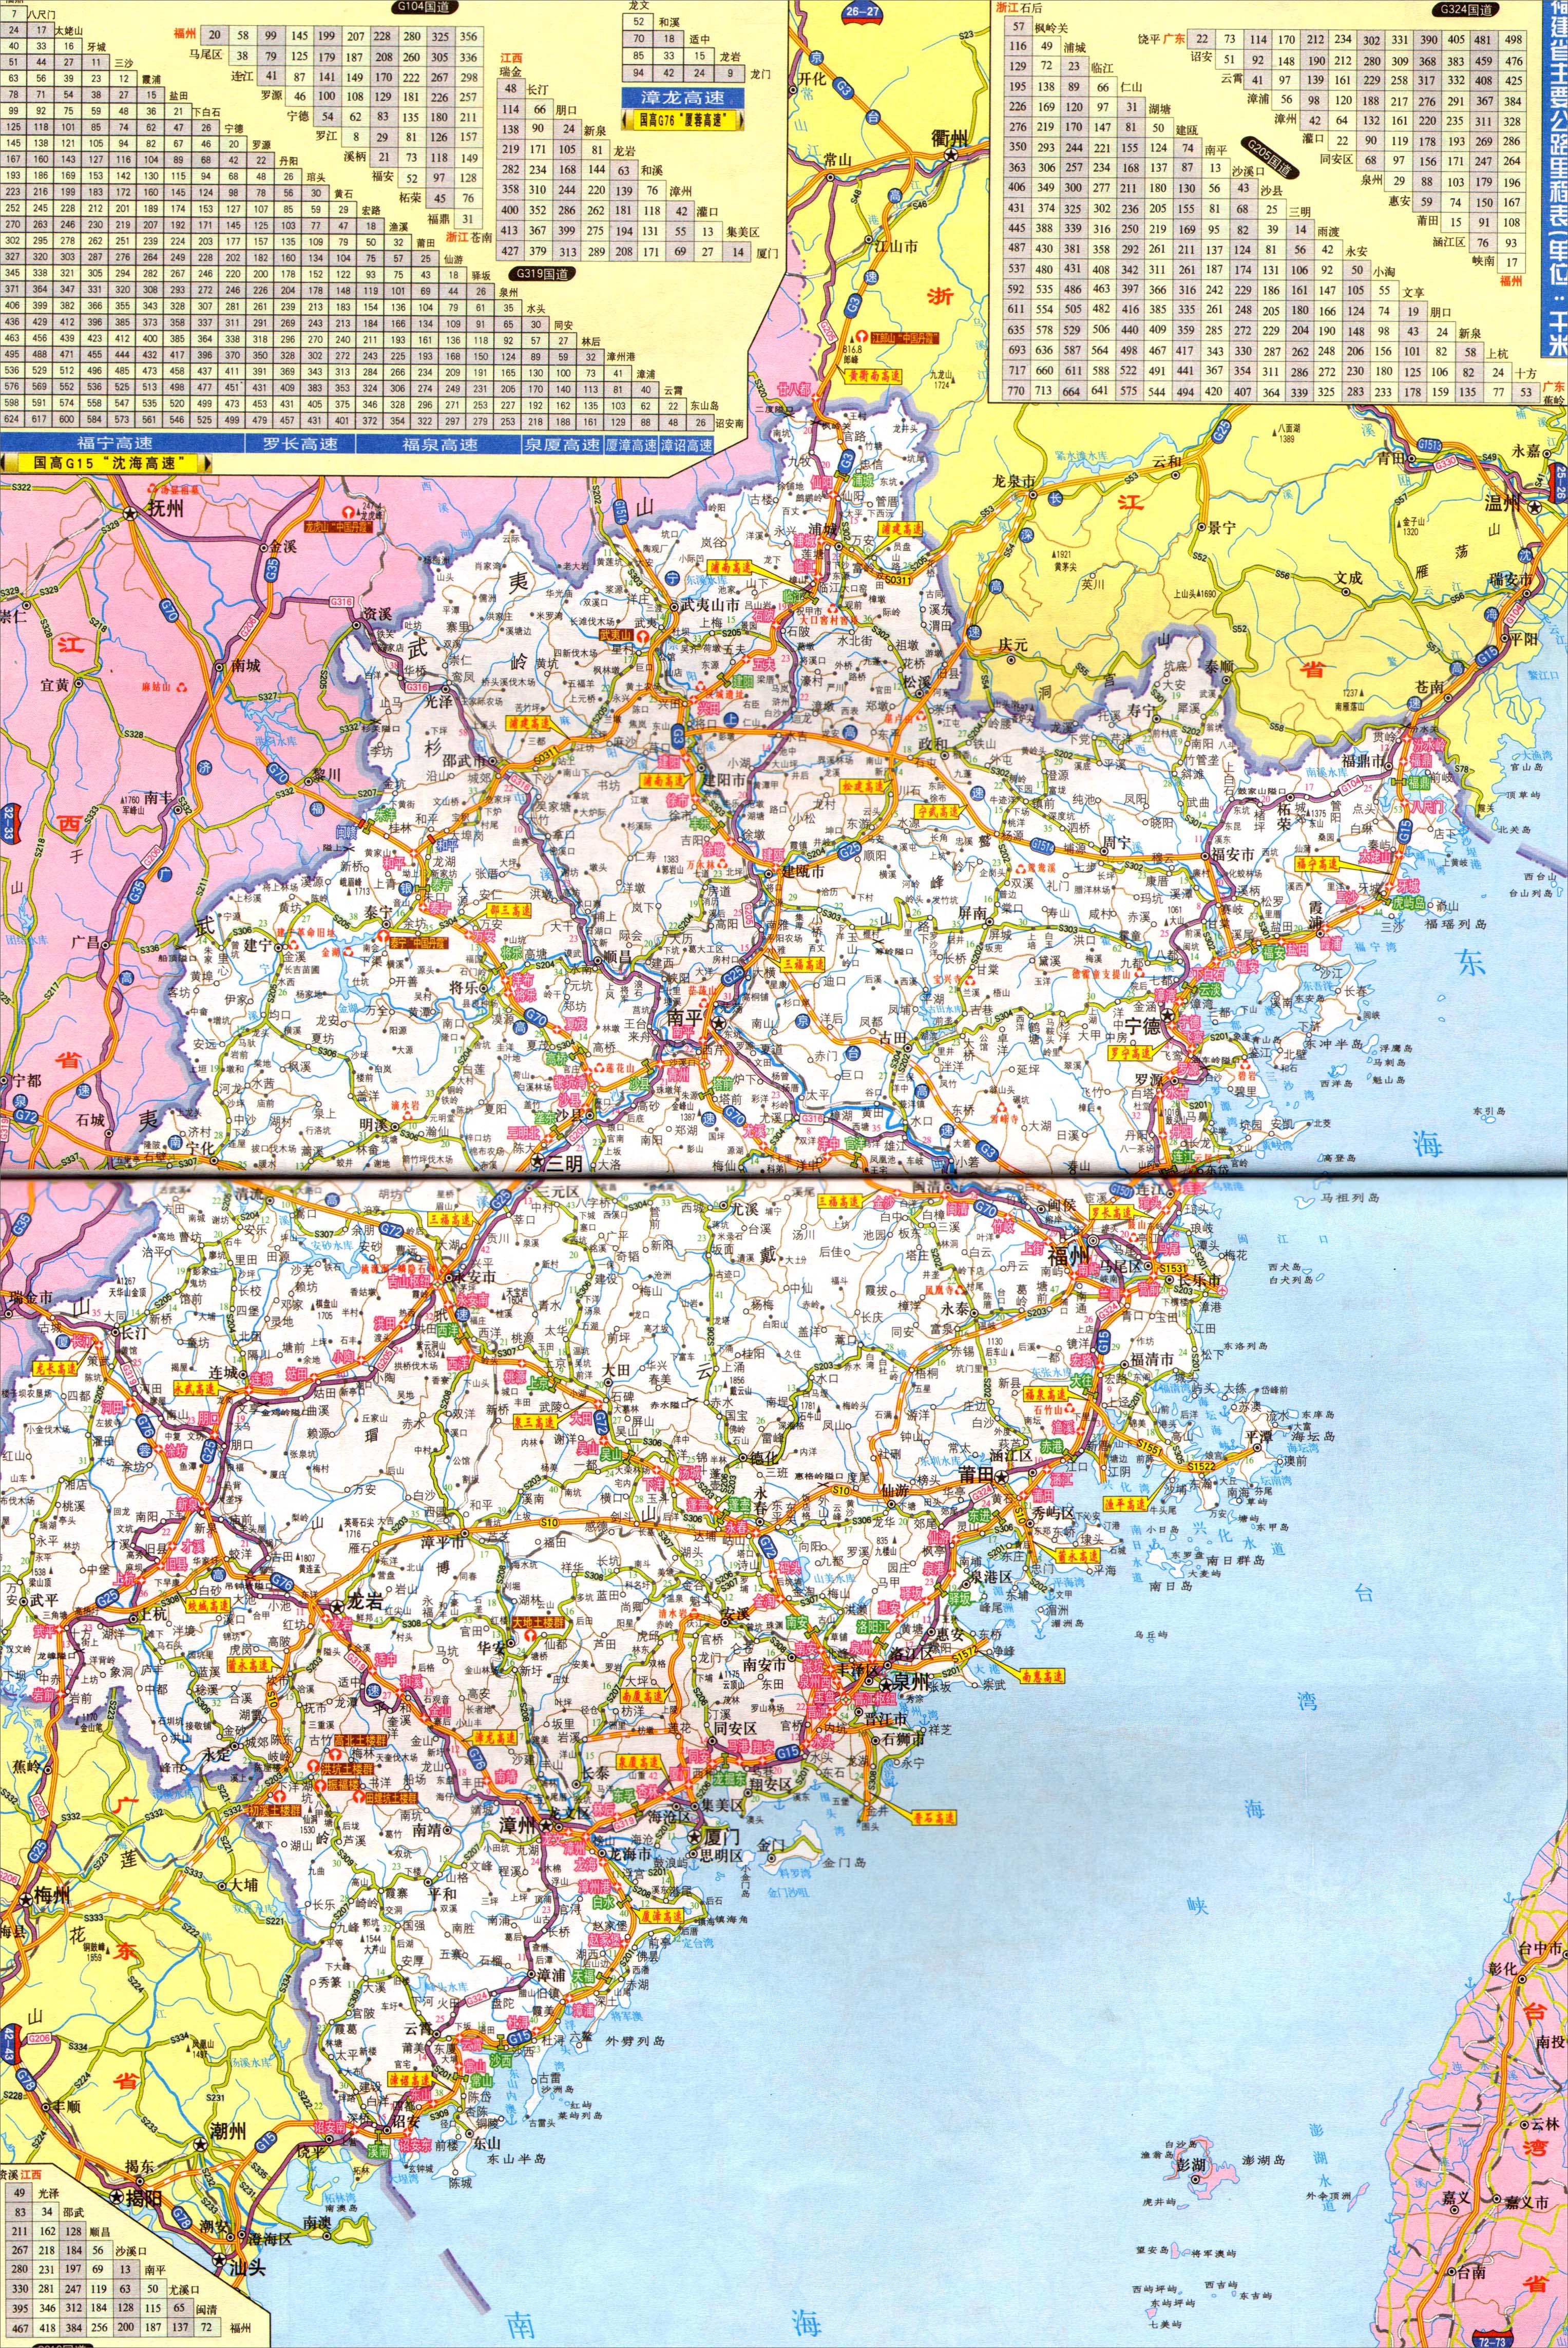 福建高速公路地图版_高速公路网